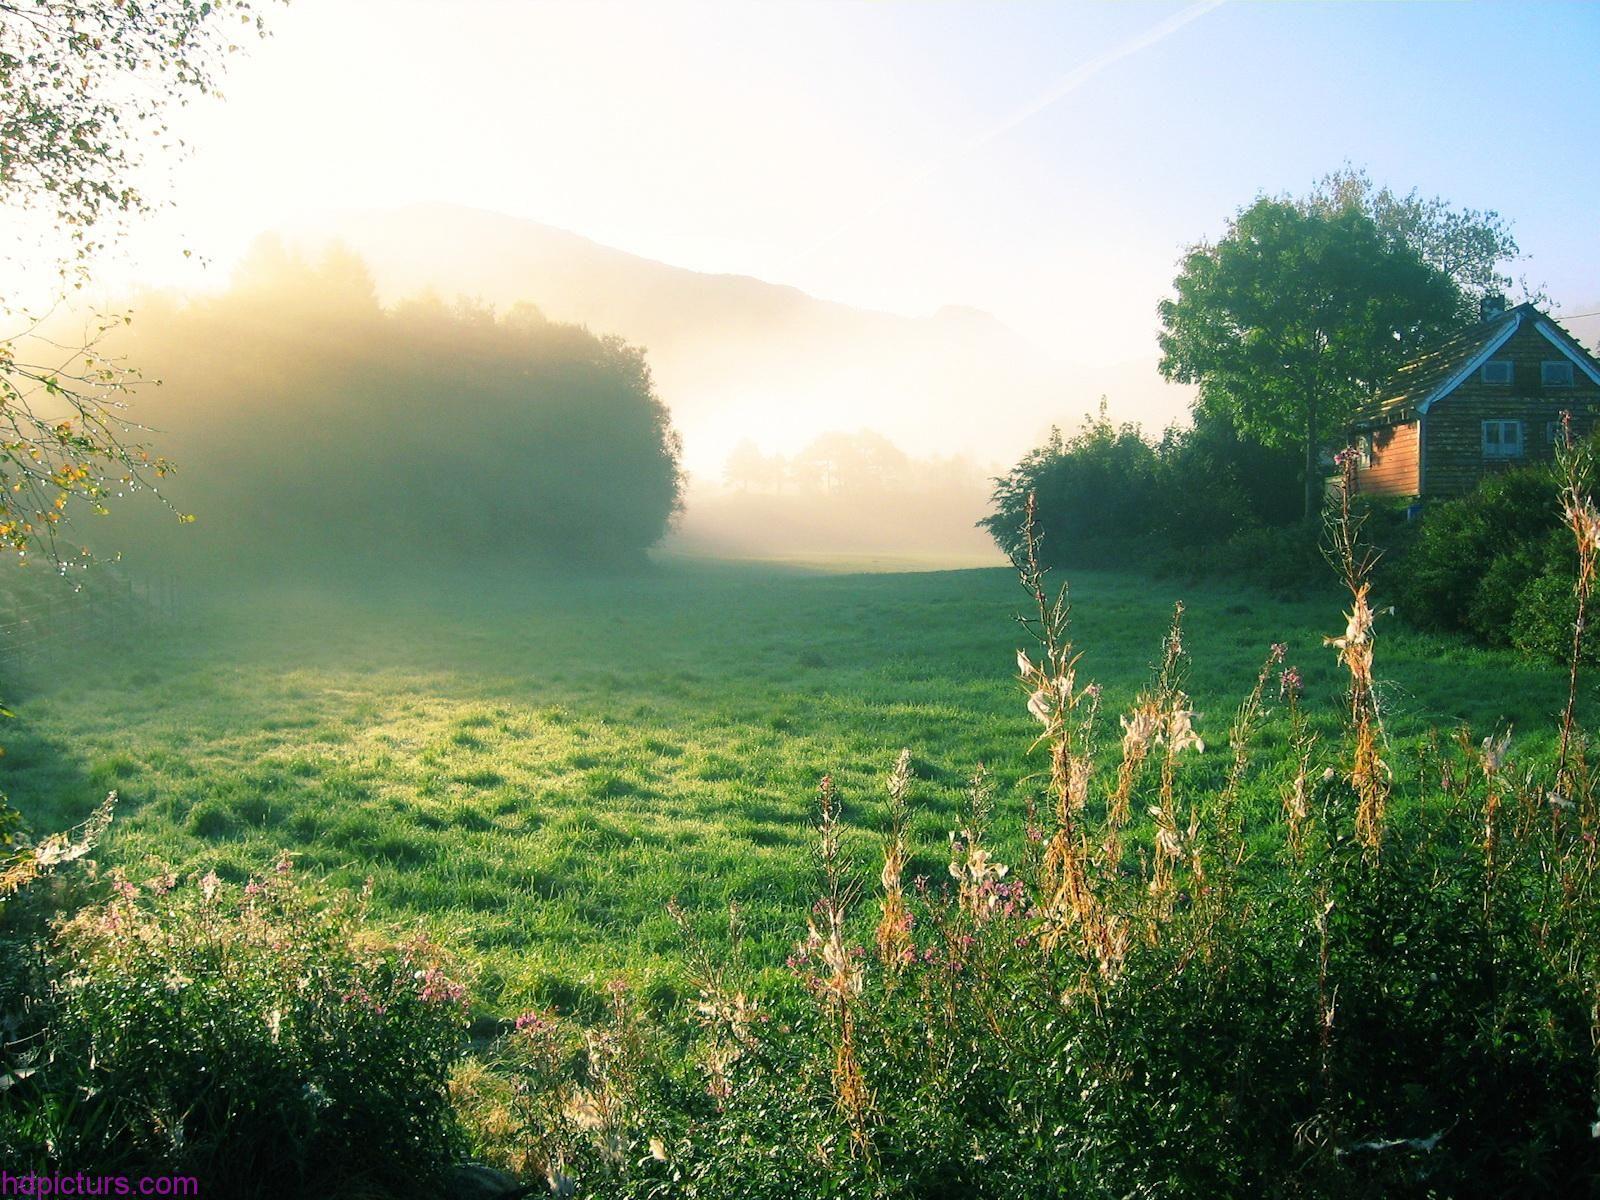 صور الصباح جميلة 2017 صور الصباح منظر جميل عند طلوع الشمس Nature Images Landscape Foggy Morning